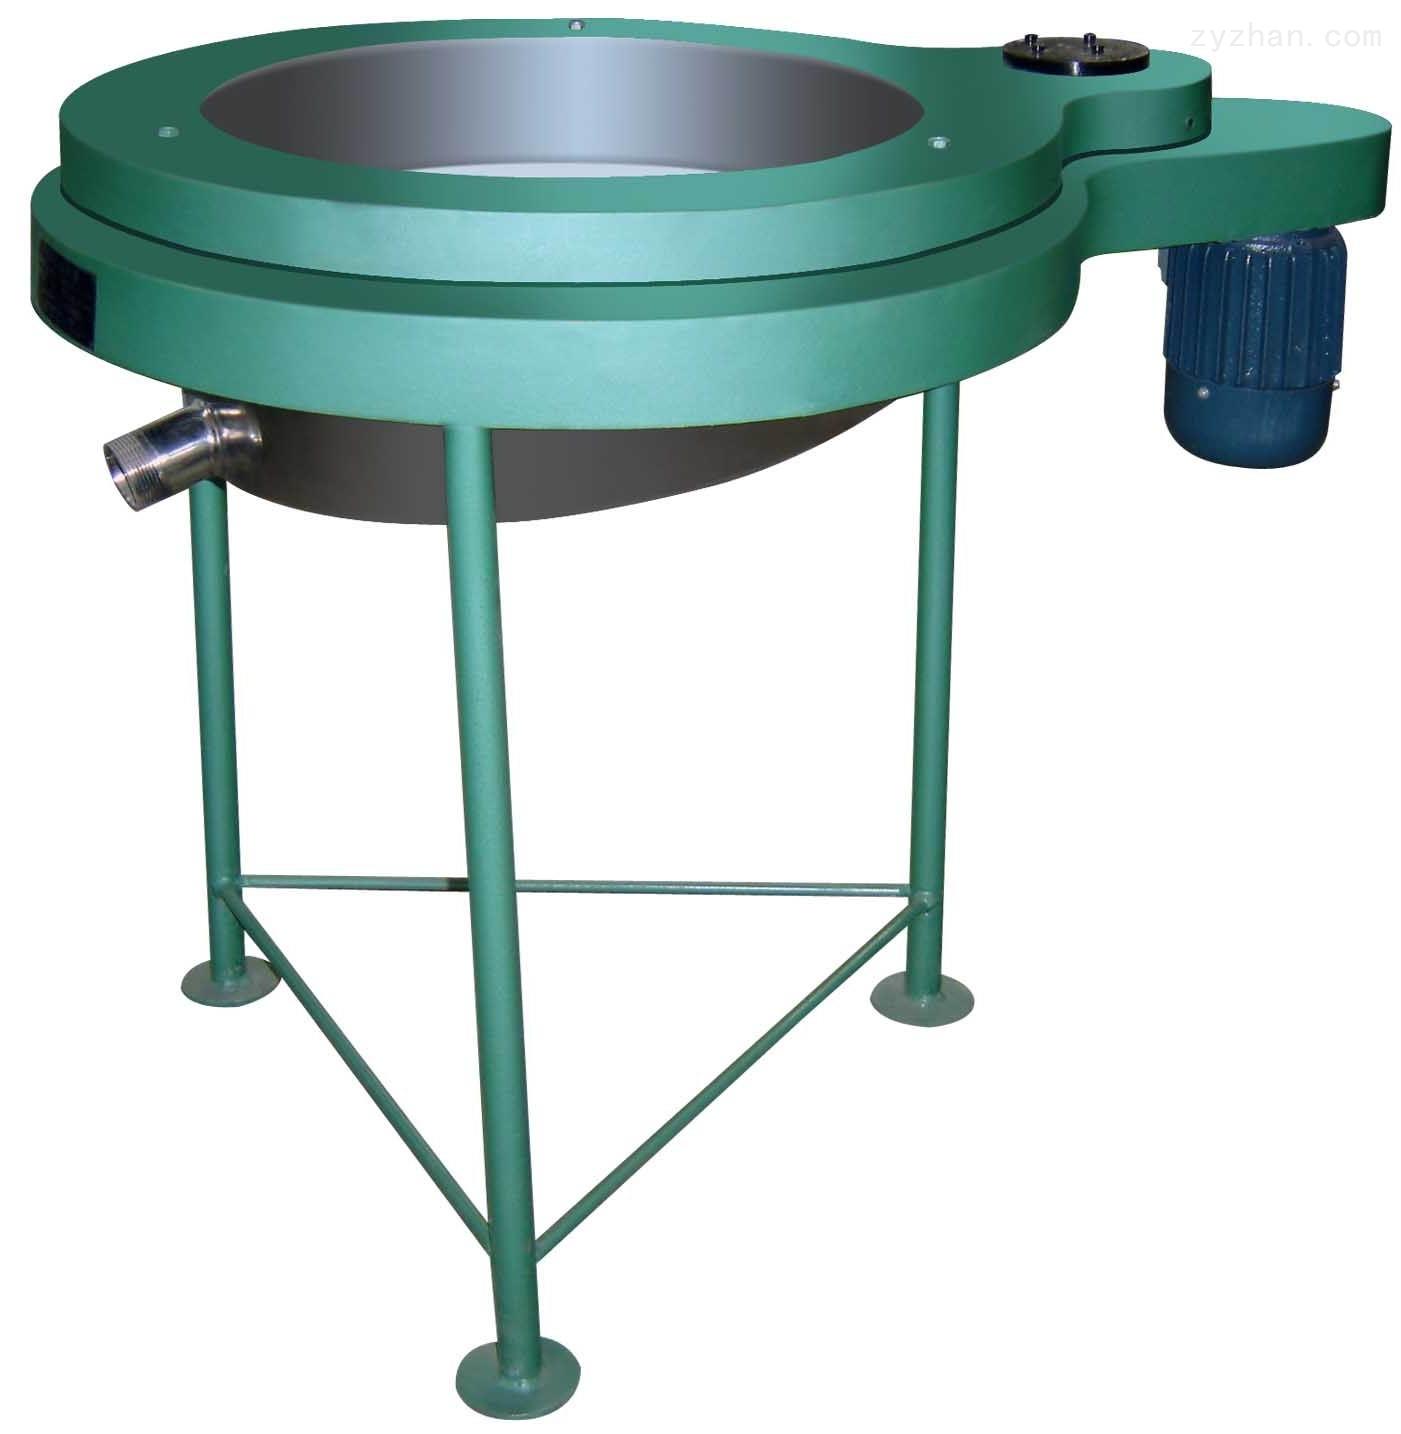 山东龙兴液体振动筛,液体振动筛价格,液体振动筛厂家直销